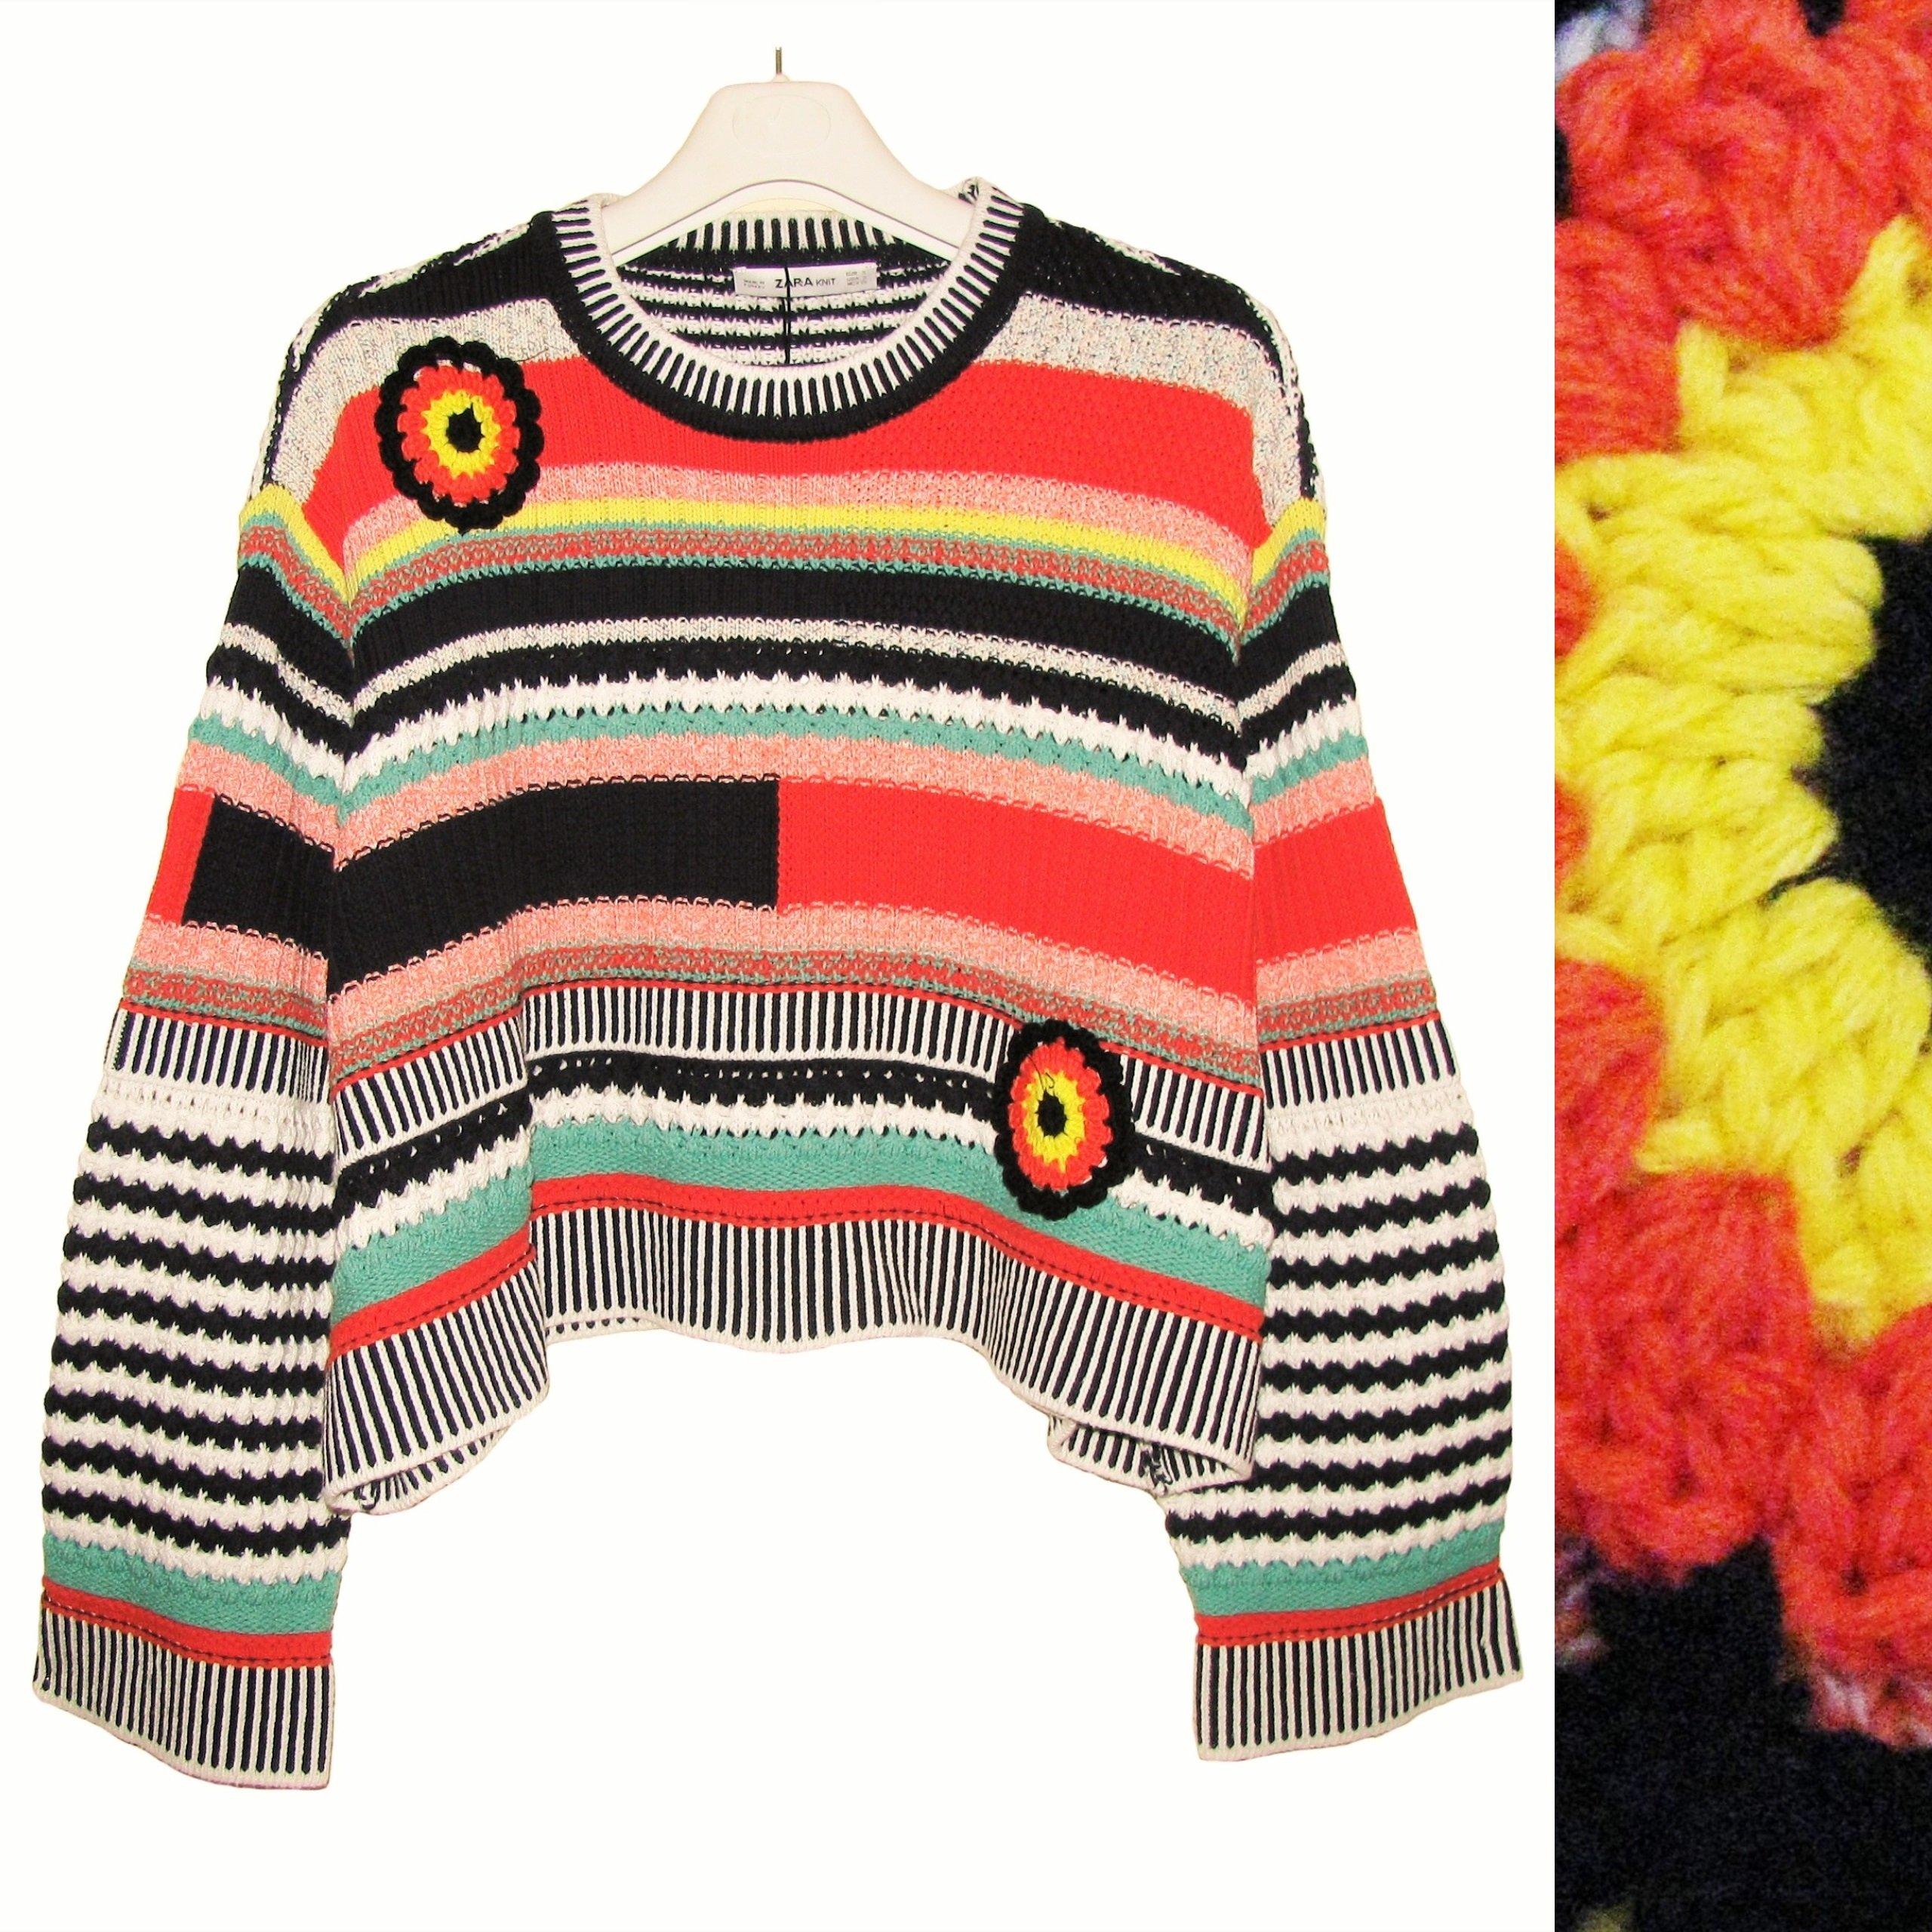 b92943ee85c4e8 ZARA Piękny Kolorowy Sweter Szydełkowe Aplikacje S - 7256986070 ...